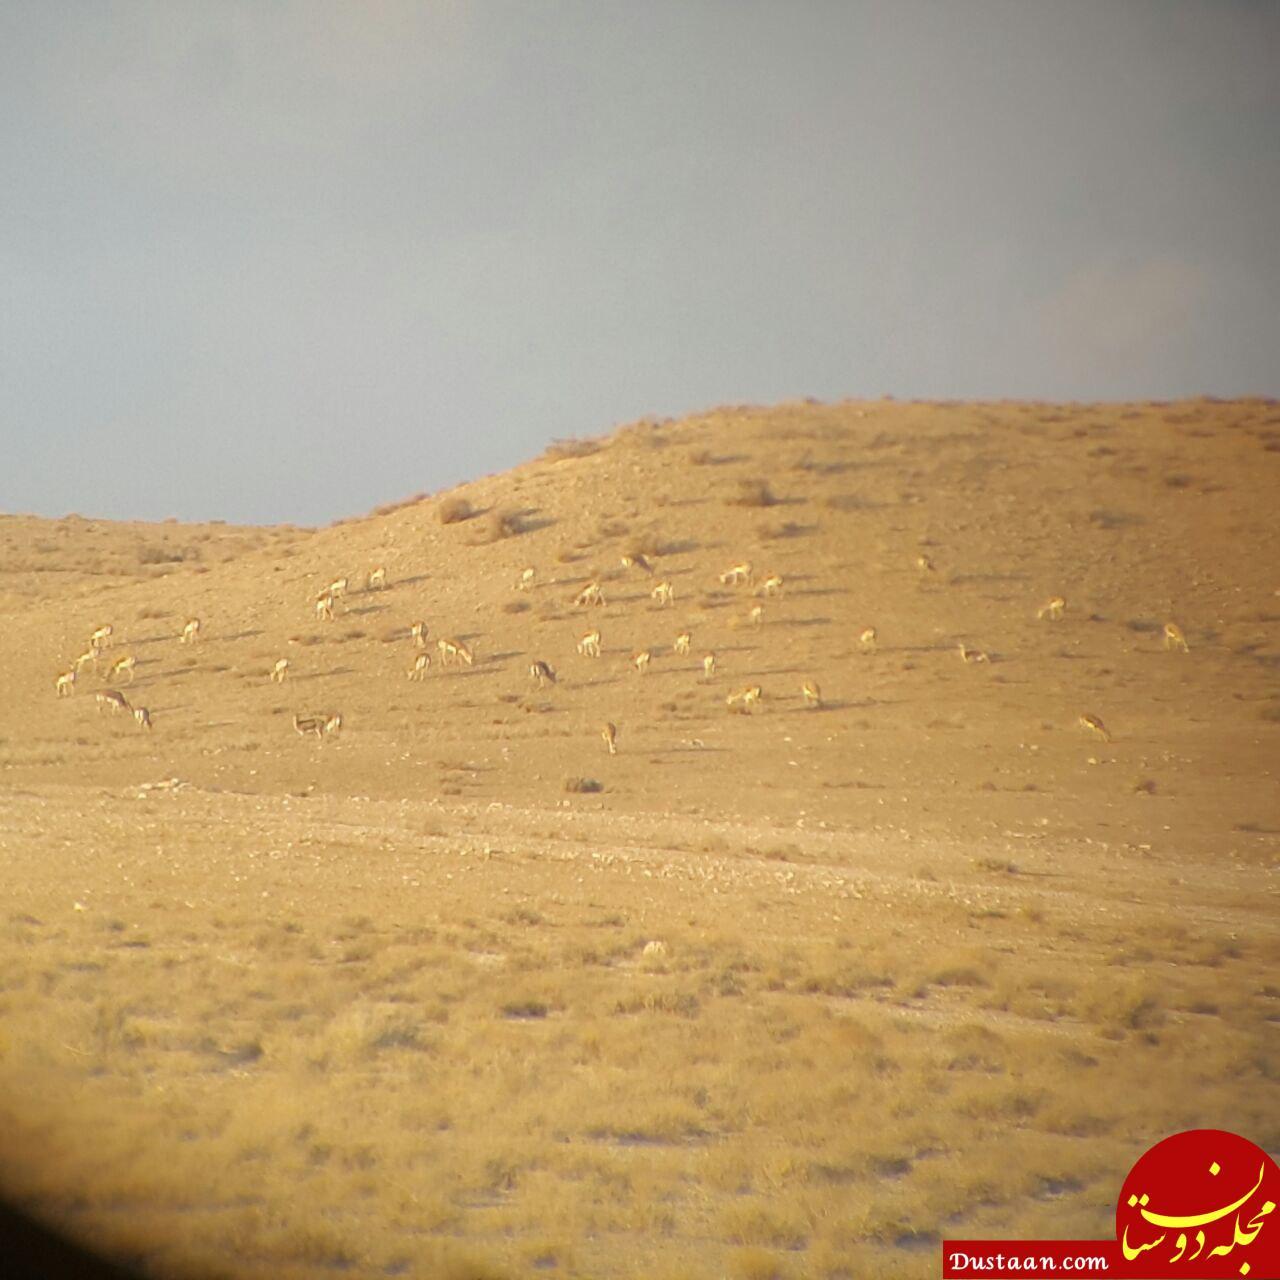 www.dustaan.com گله آهو در پناهگاه میاندشت جاجرم +عکس